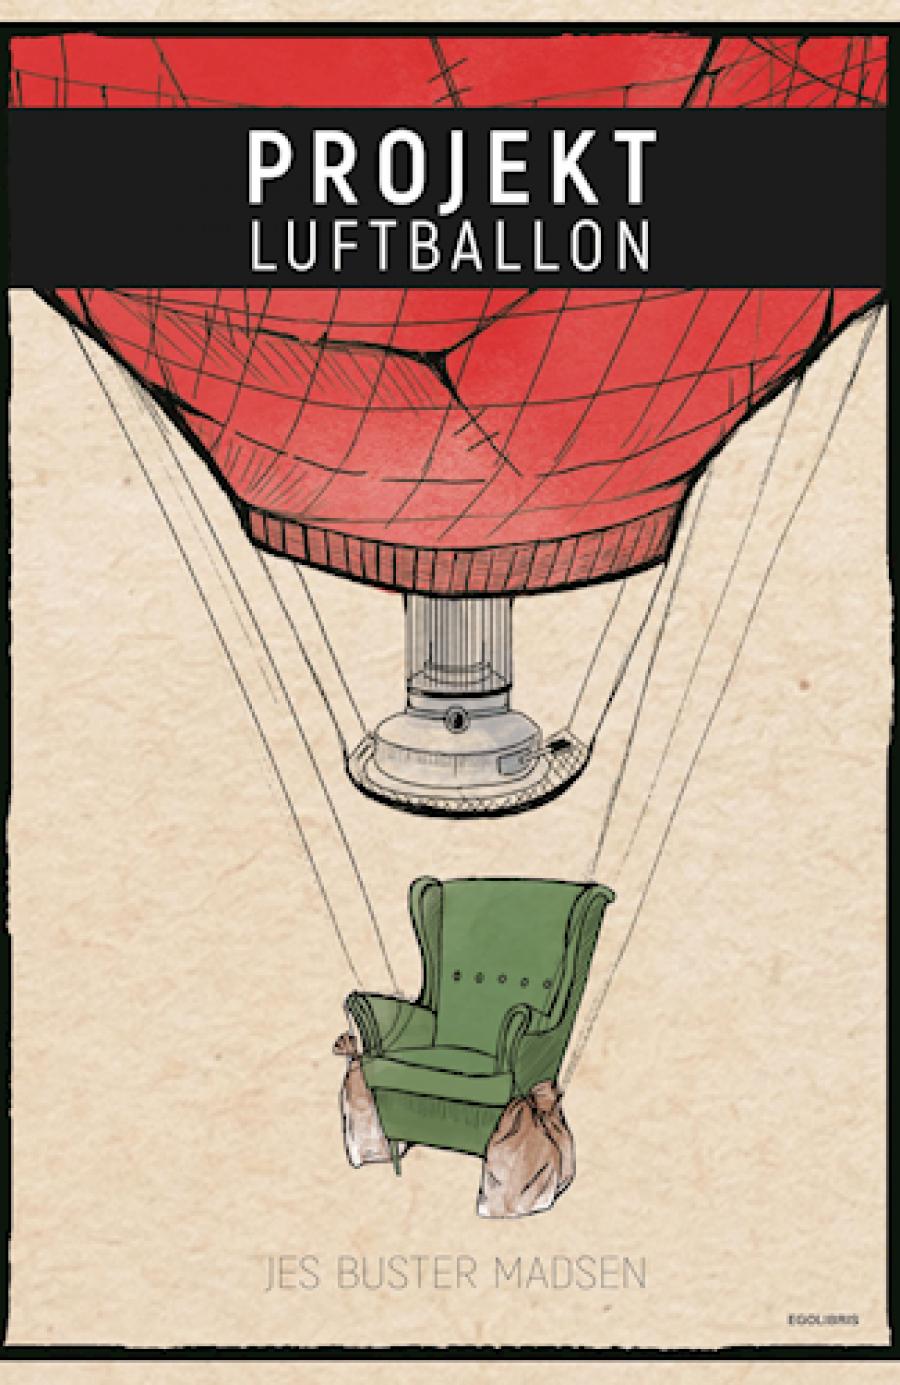 Forside til bogen Projekt luftballon af Jes Buster Madsen